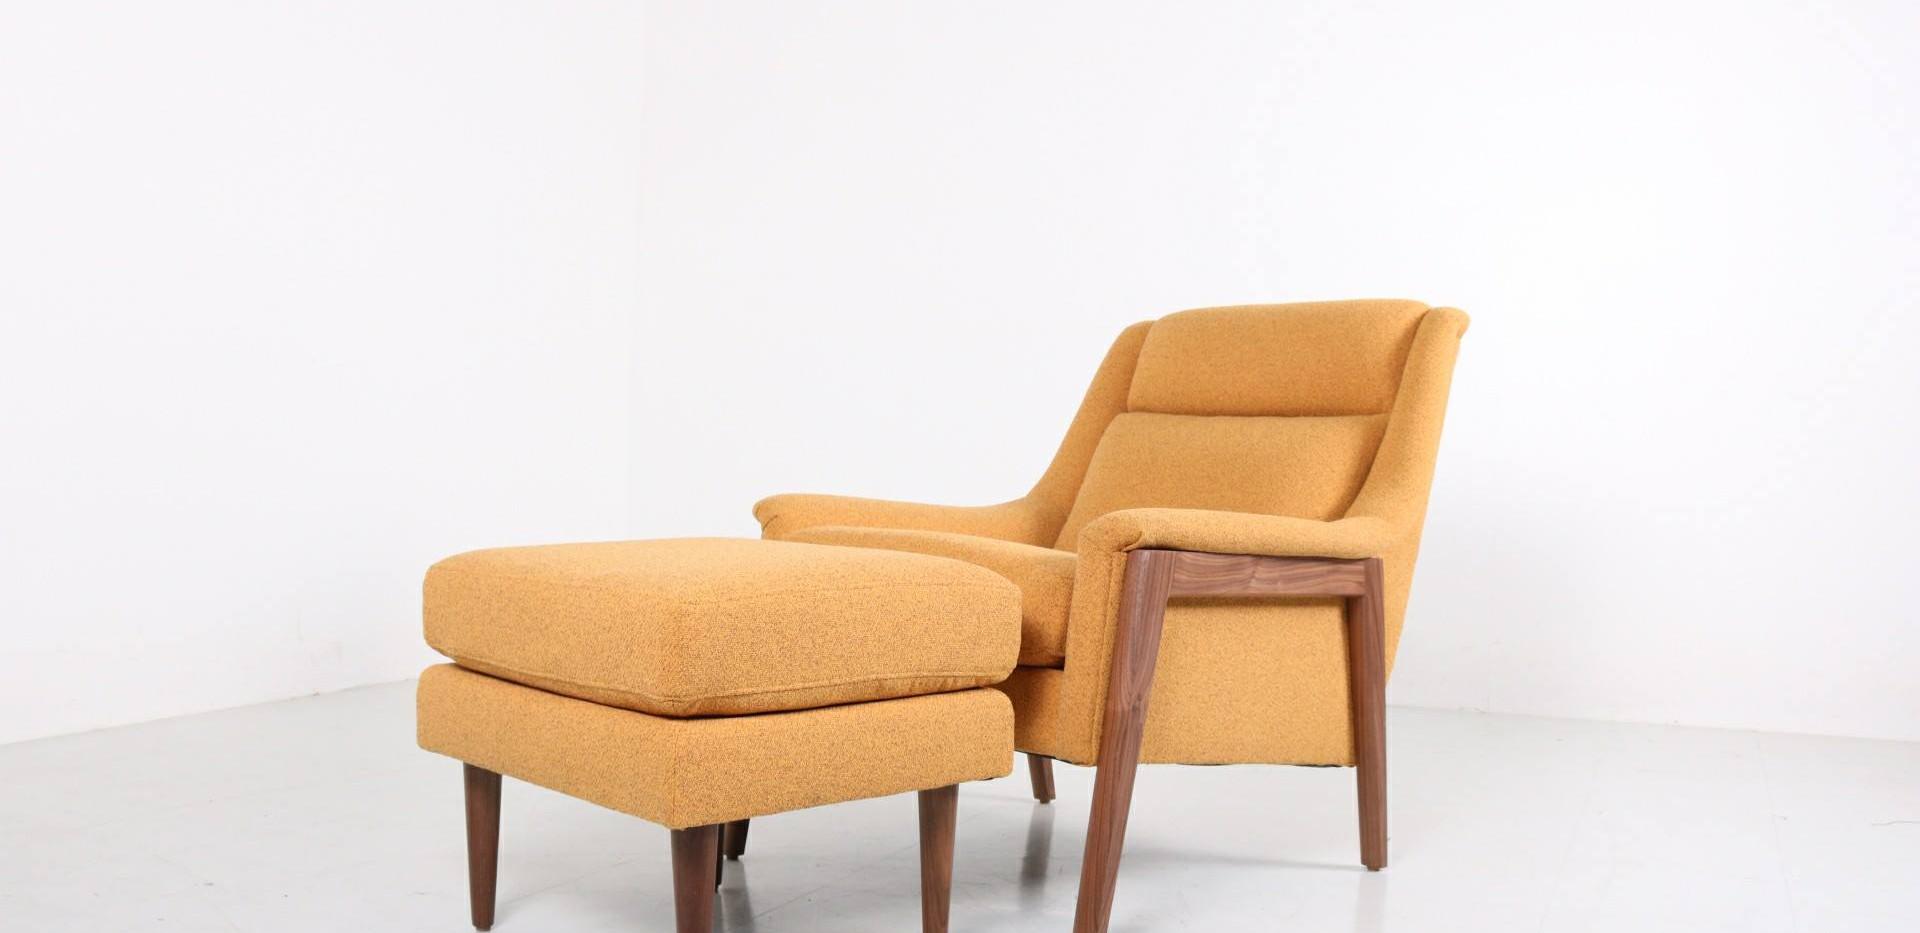 Santa Ynez chair